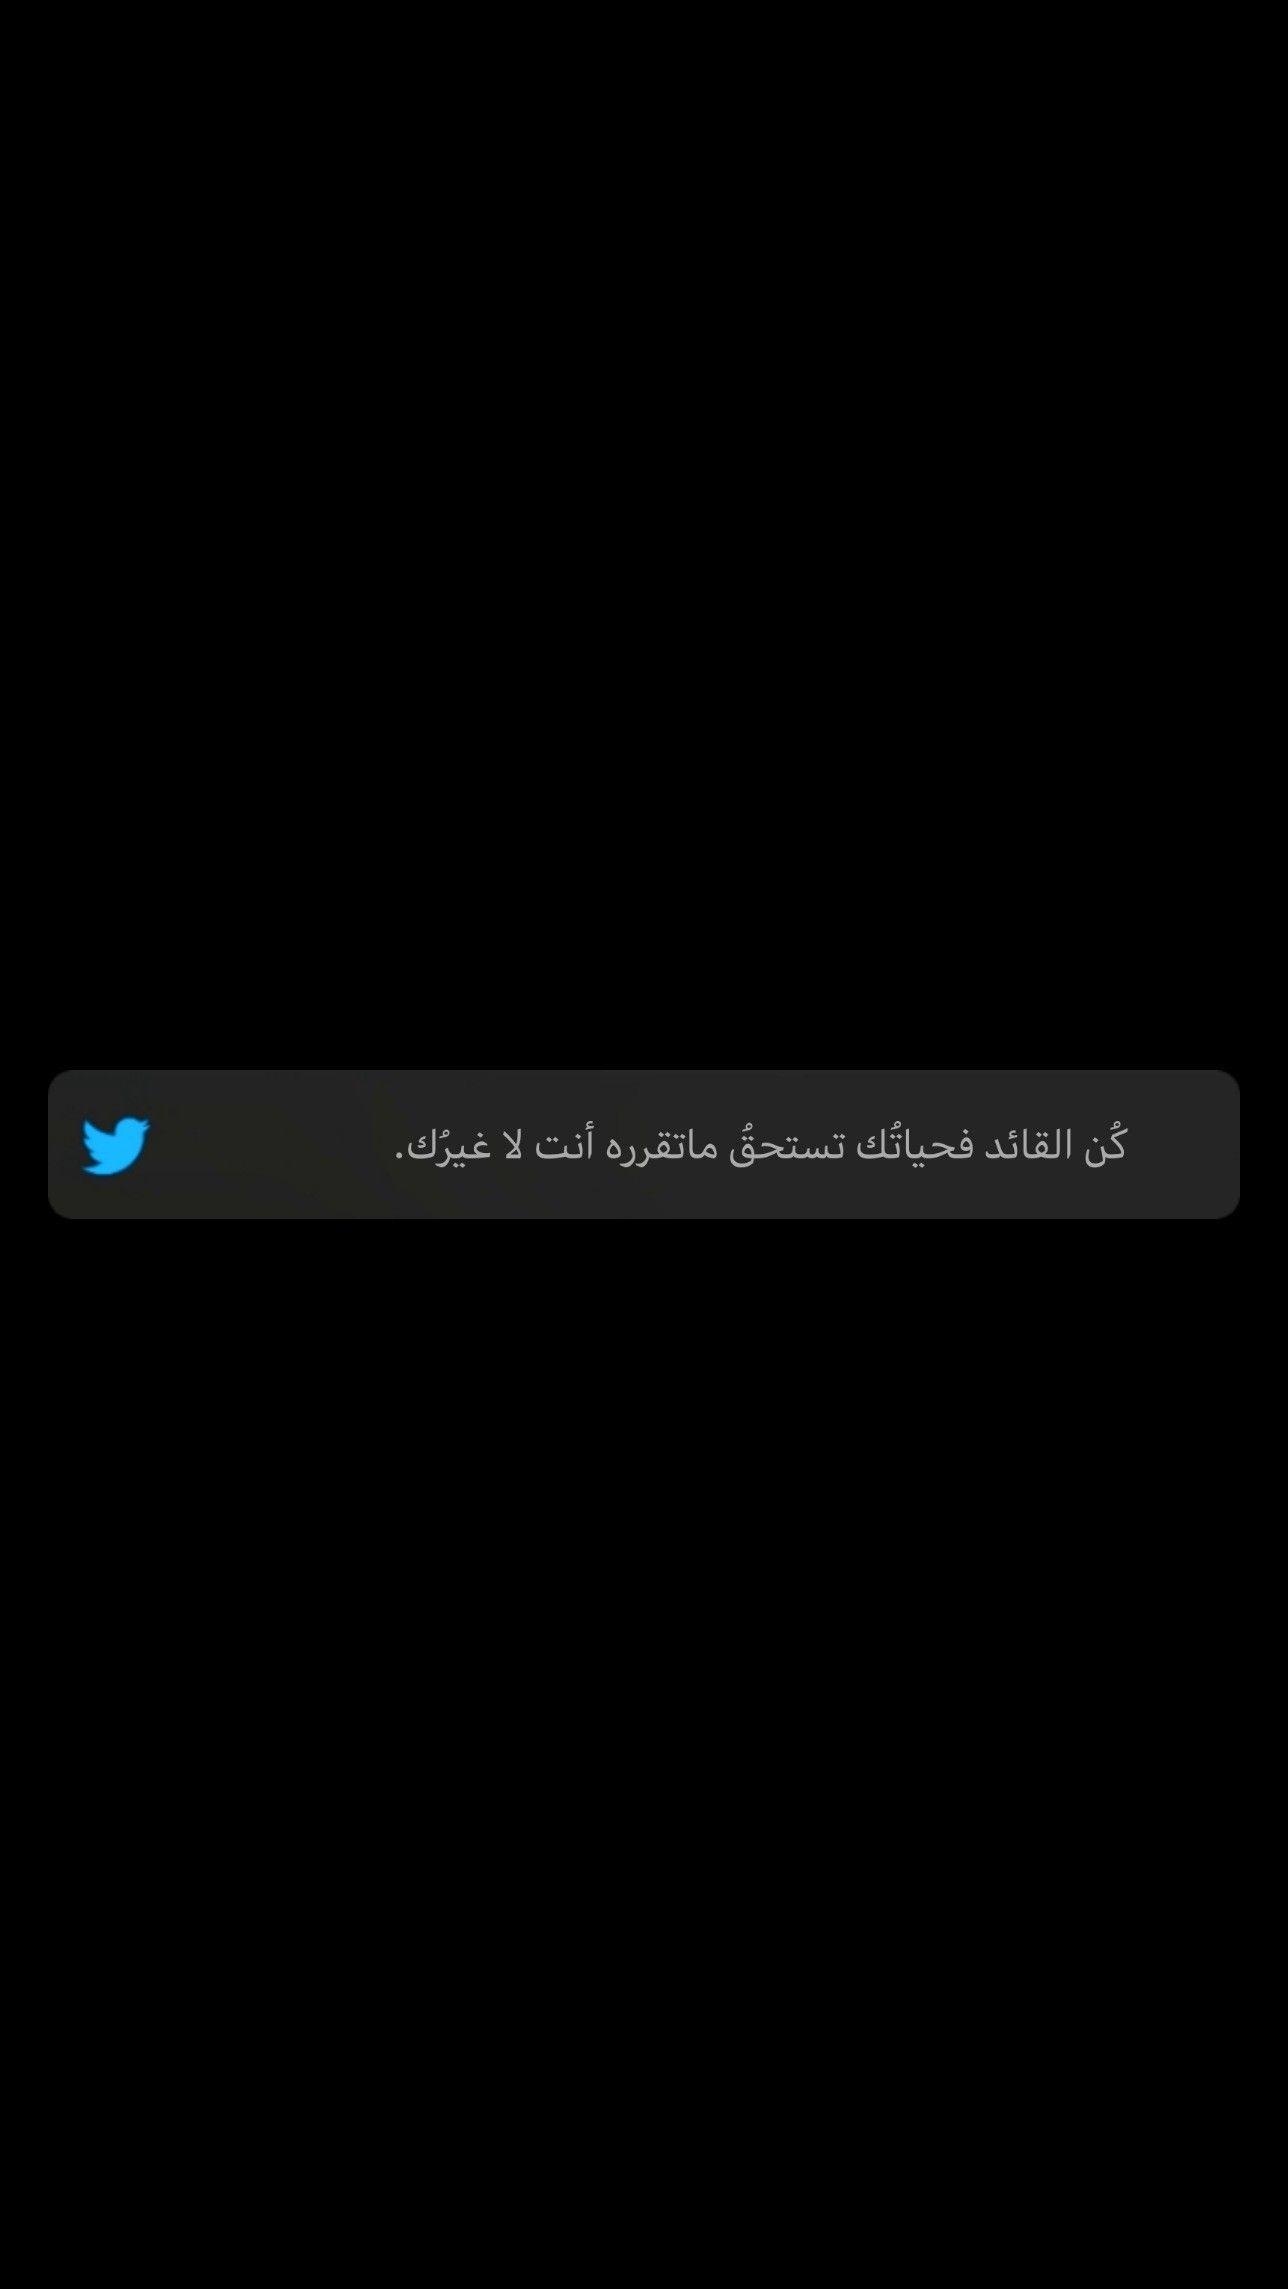 Pin On Twitter تويتر